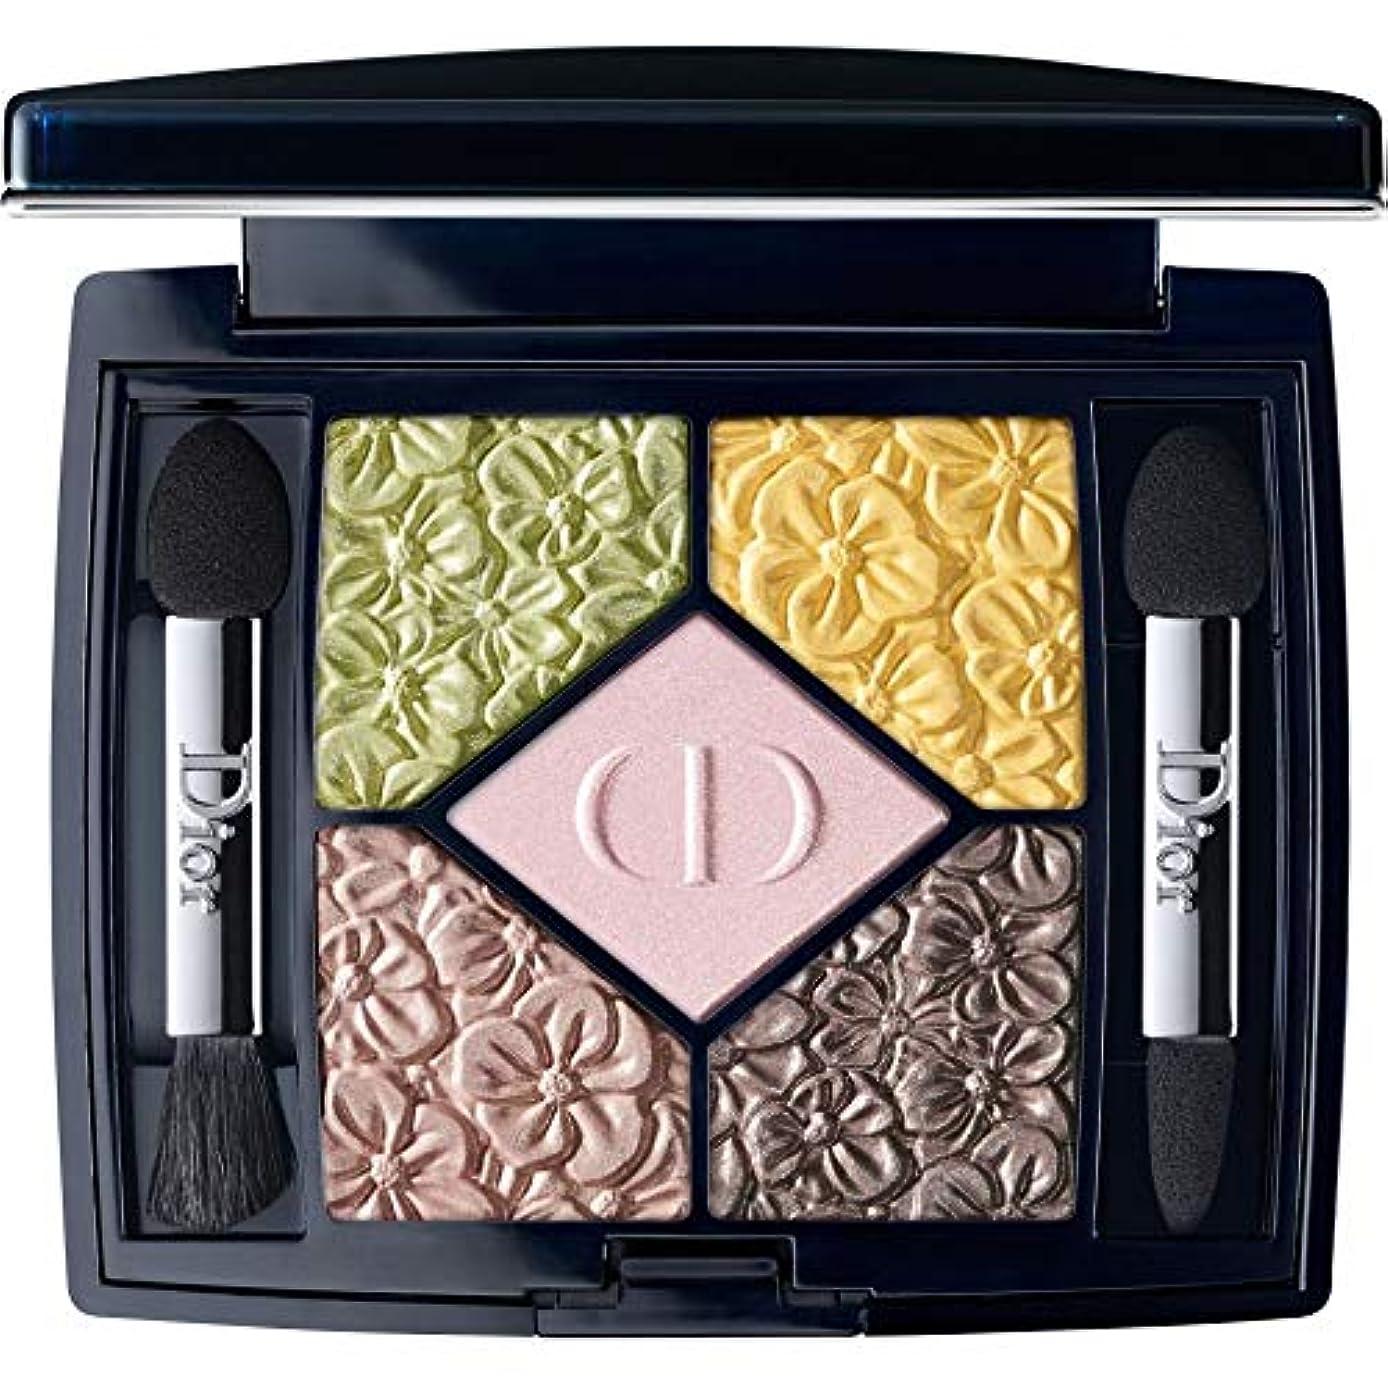 [Dior ] ディオールの庭園版クチュールカラー&エフェクトアイシャドウパレット4.5グラム451を輝く5 Couleursは - バラ園 - DIOR 5 Couleurs Glowing Gardens Edition...